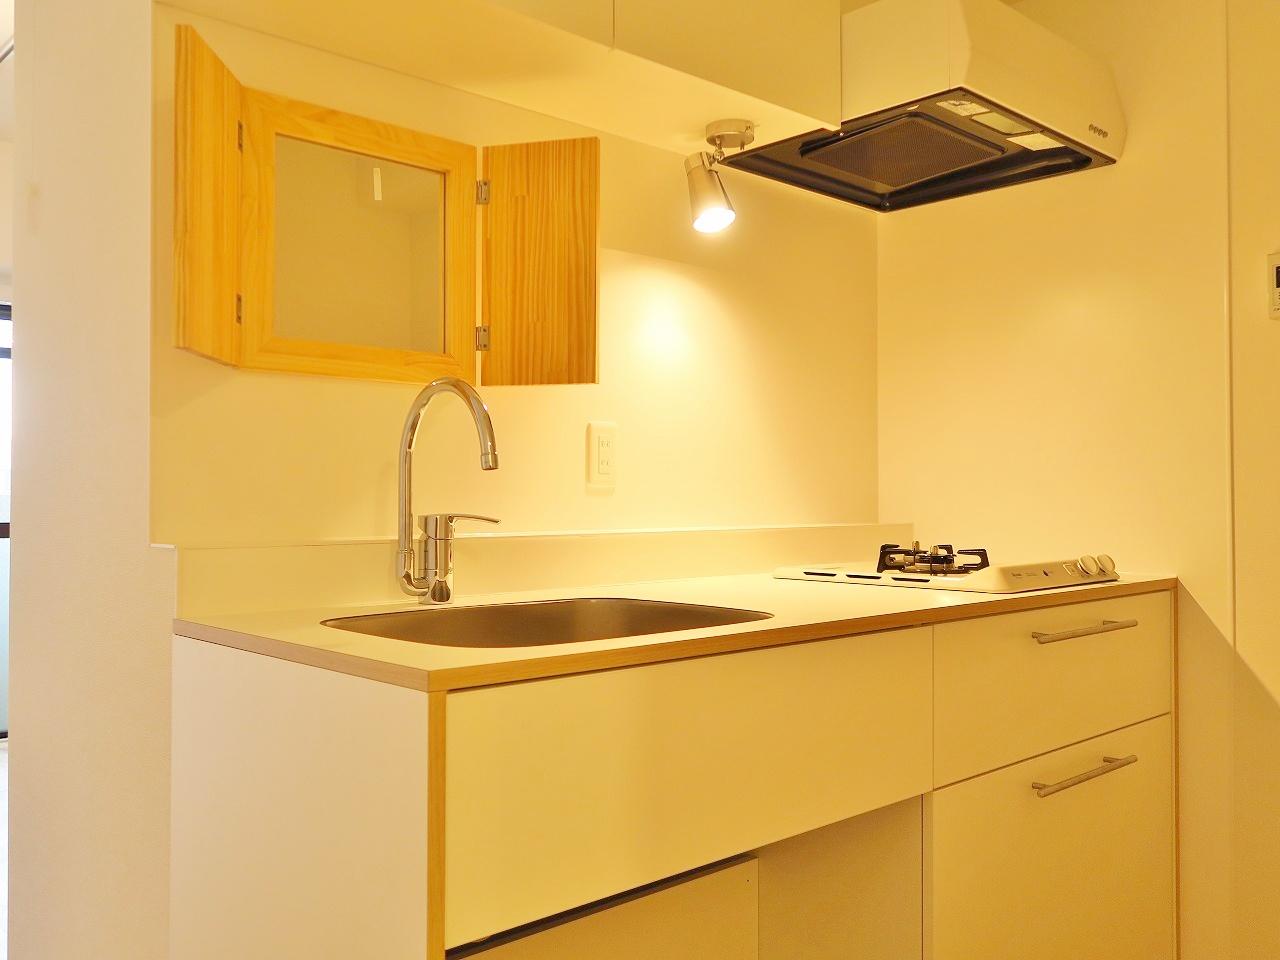 洗面台のリノベーション事例1